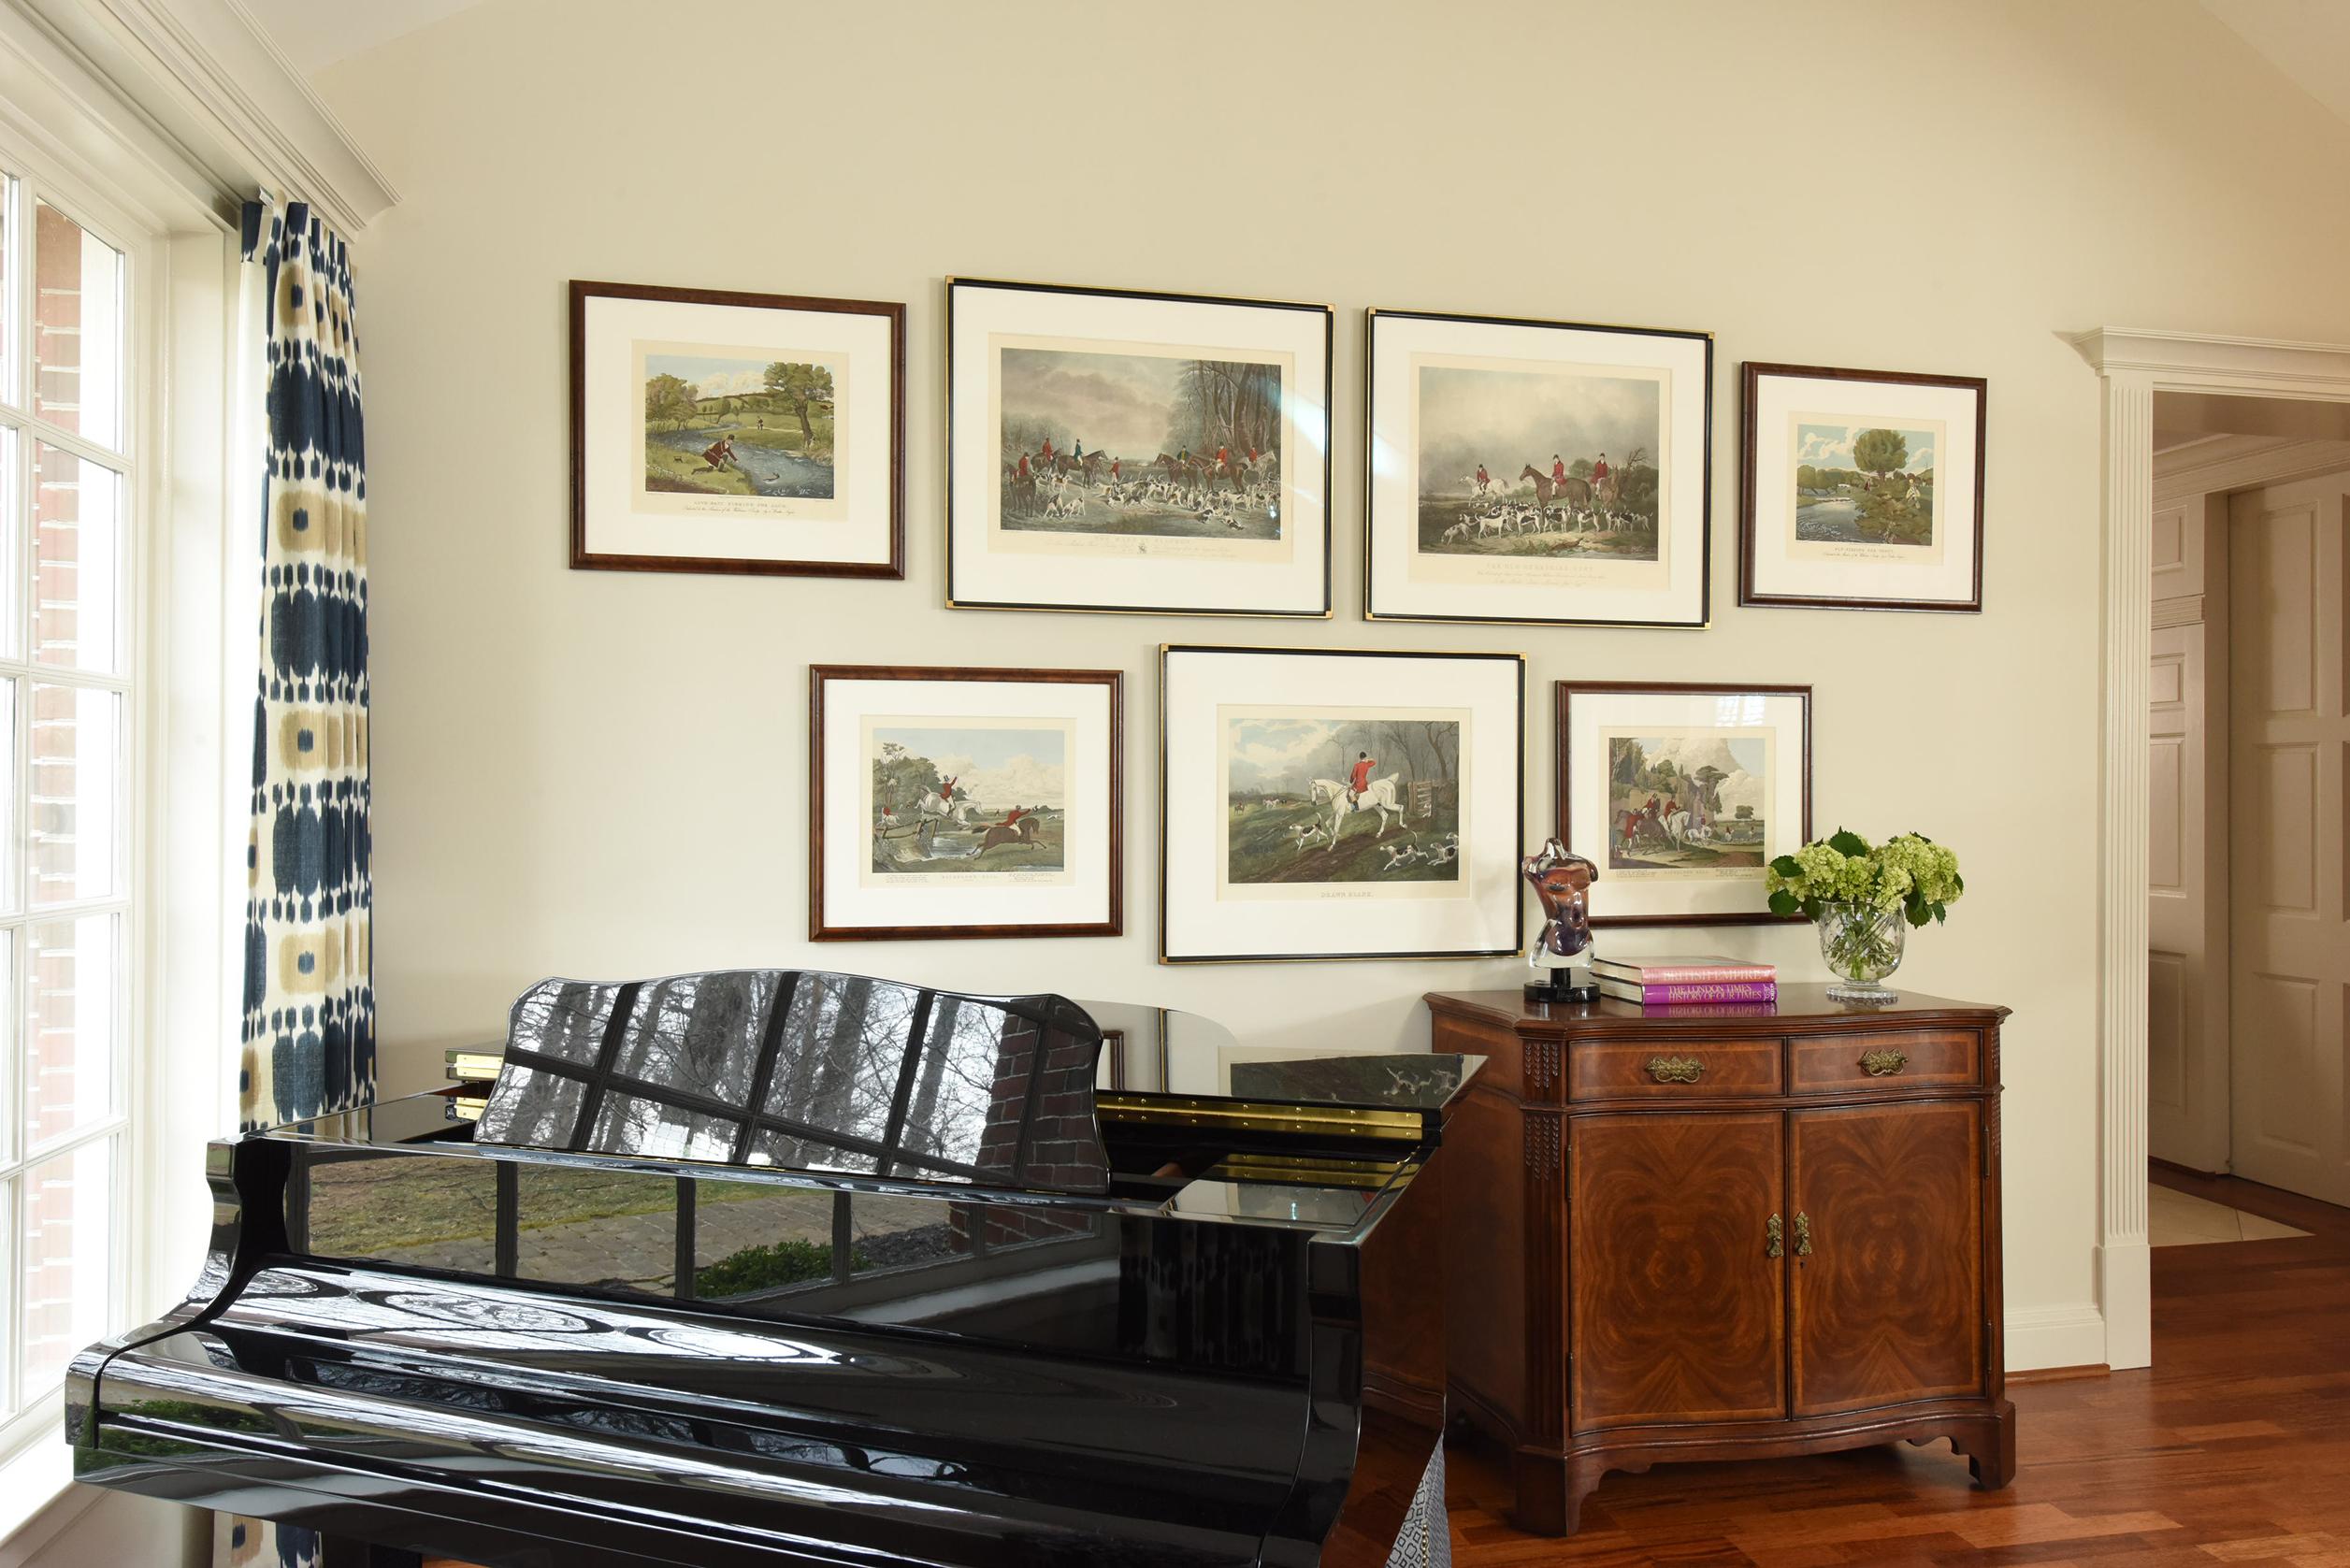 closed-corner and finished-corner frames